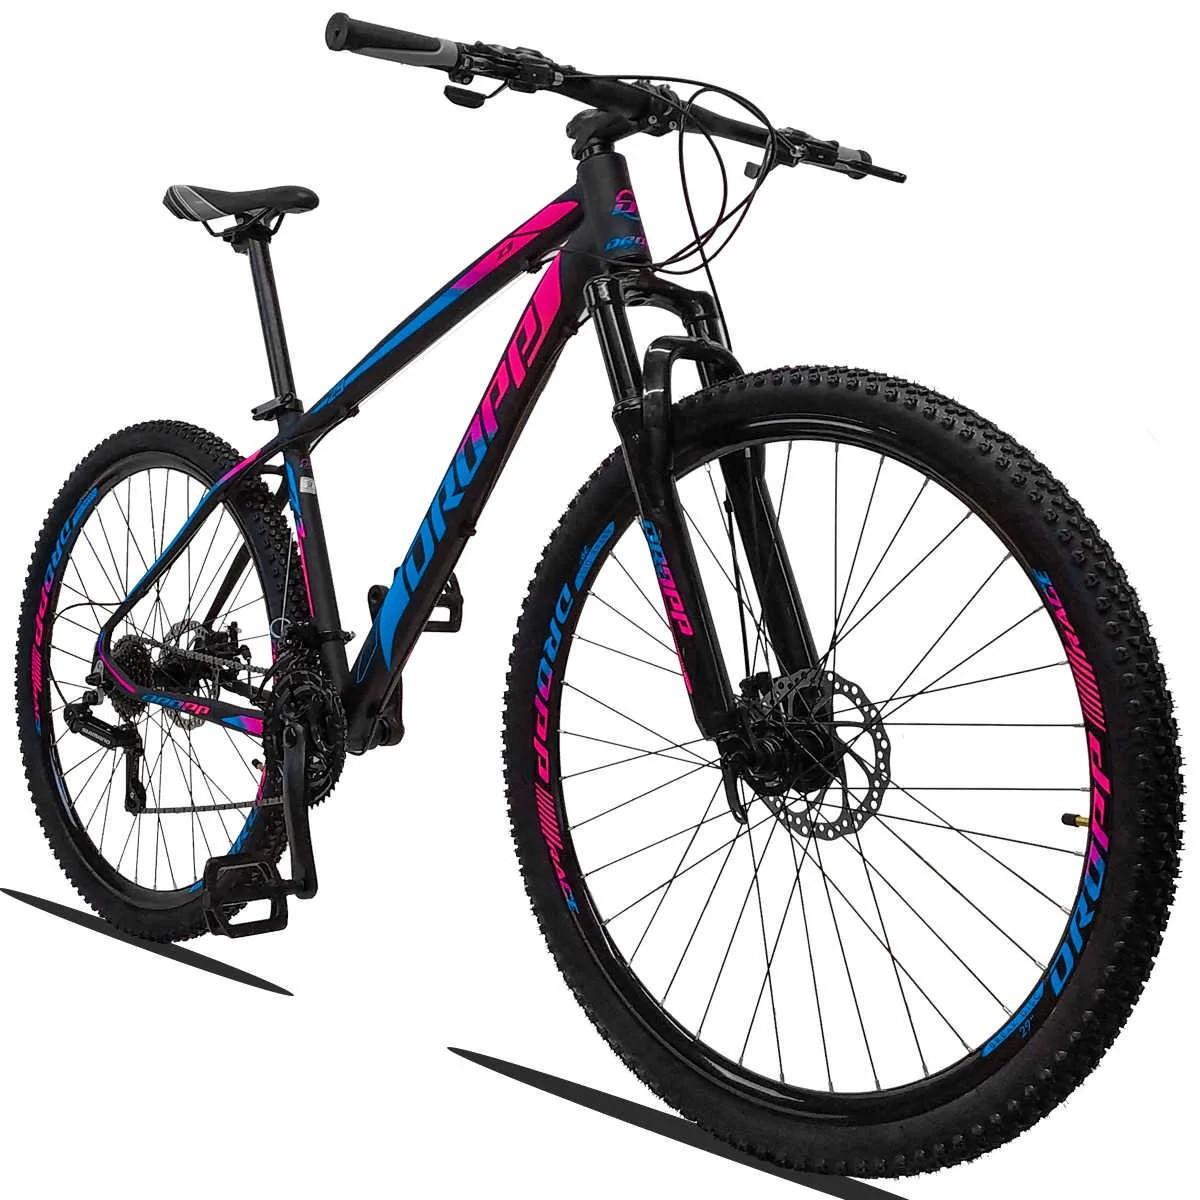 Bicicleta Aro 29 Dropp Z3 21v Shimano Freio a Disco -  Pink / Azul  - Calil Sport Bike